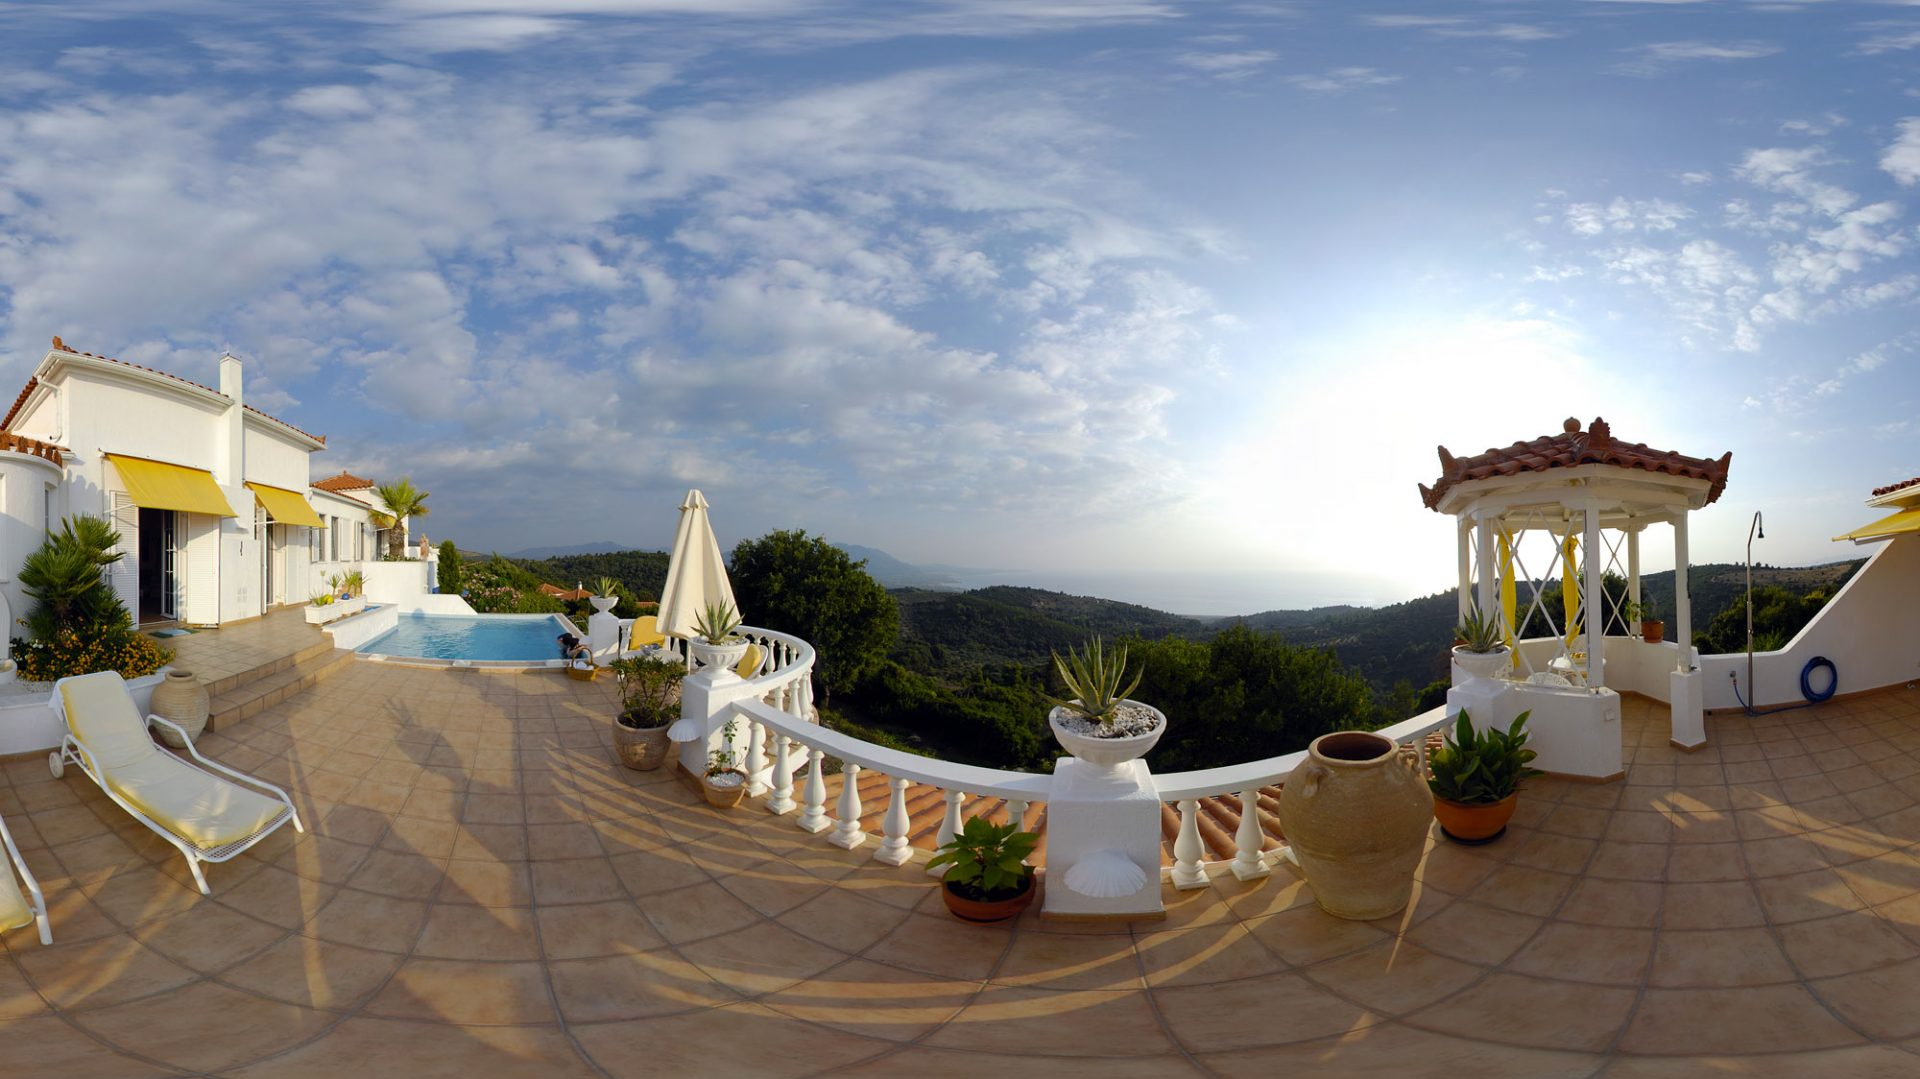 King Panorama